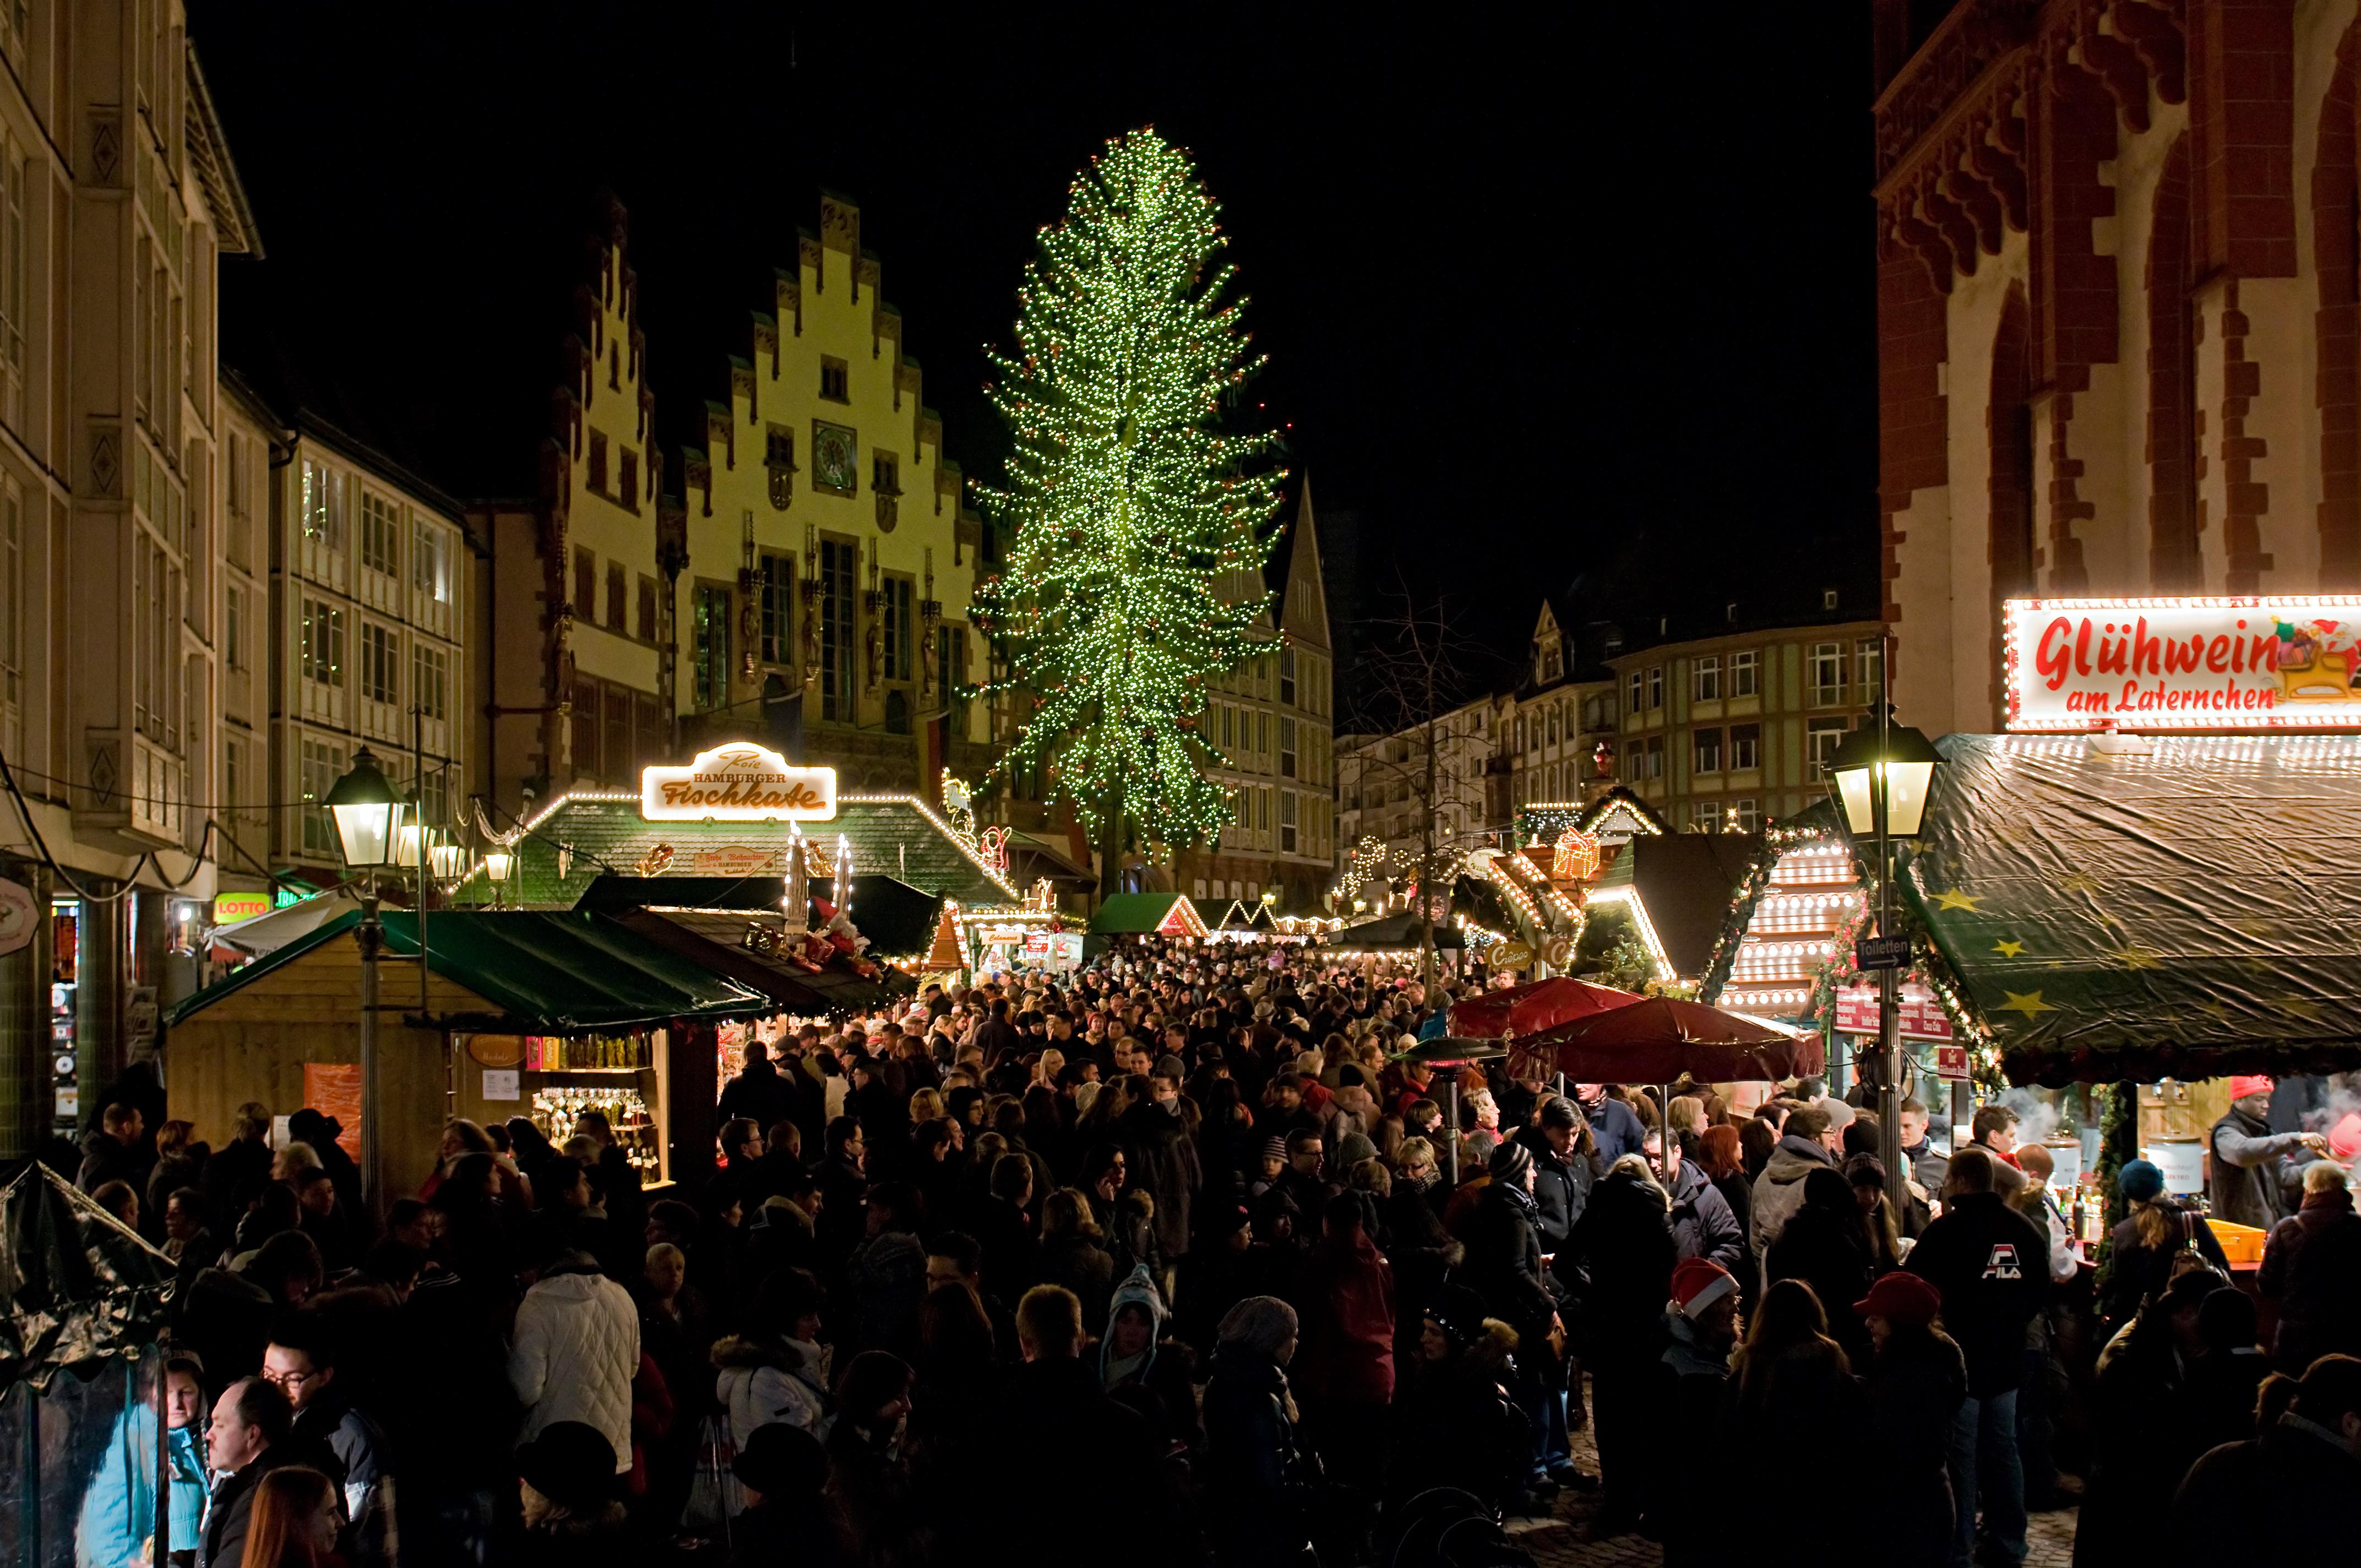 Weihnachtsmarkt Frankfurt Main.Frankfurter Weihnachtsmarkt Wikipedia